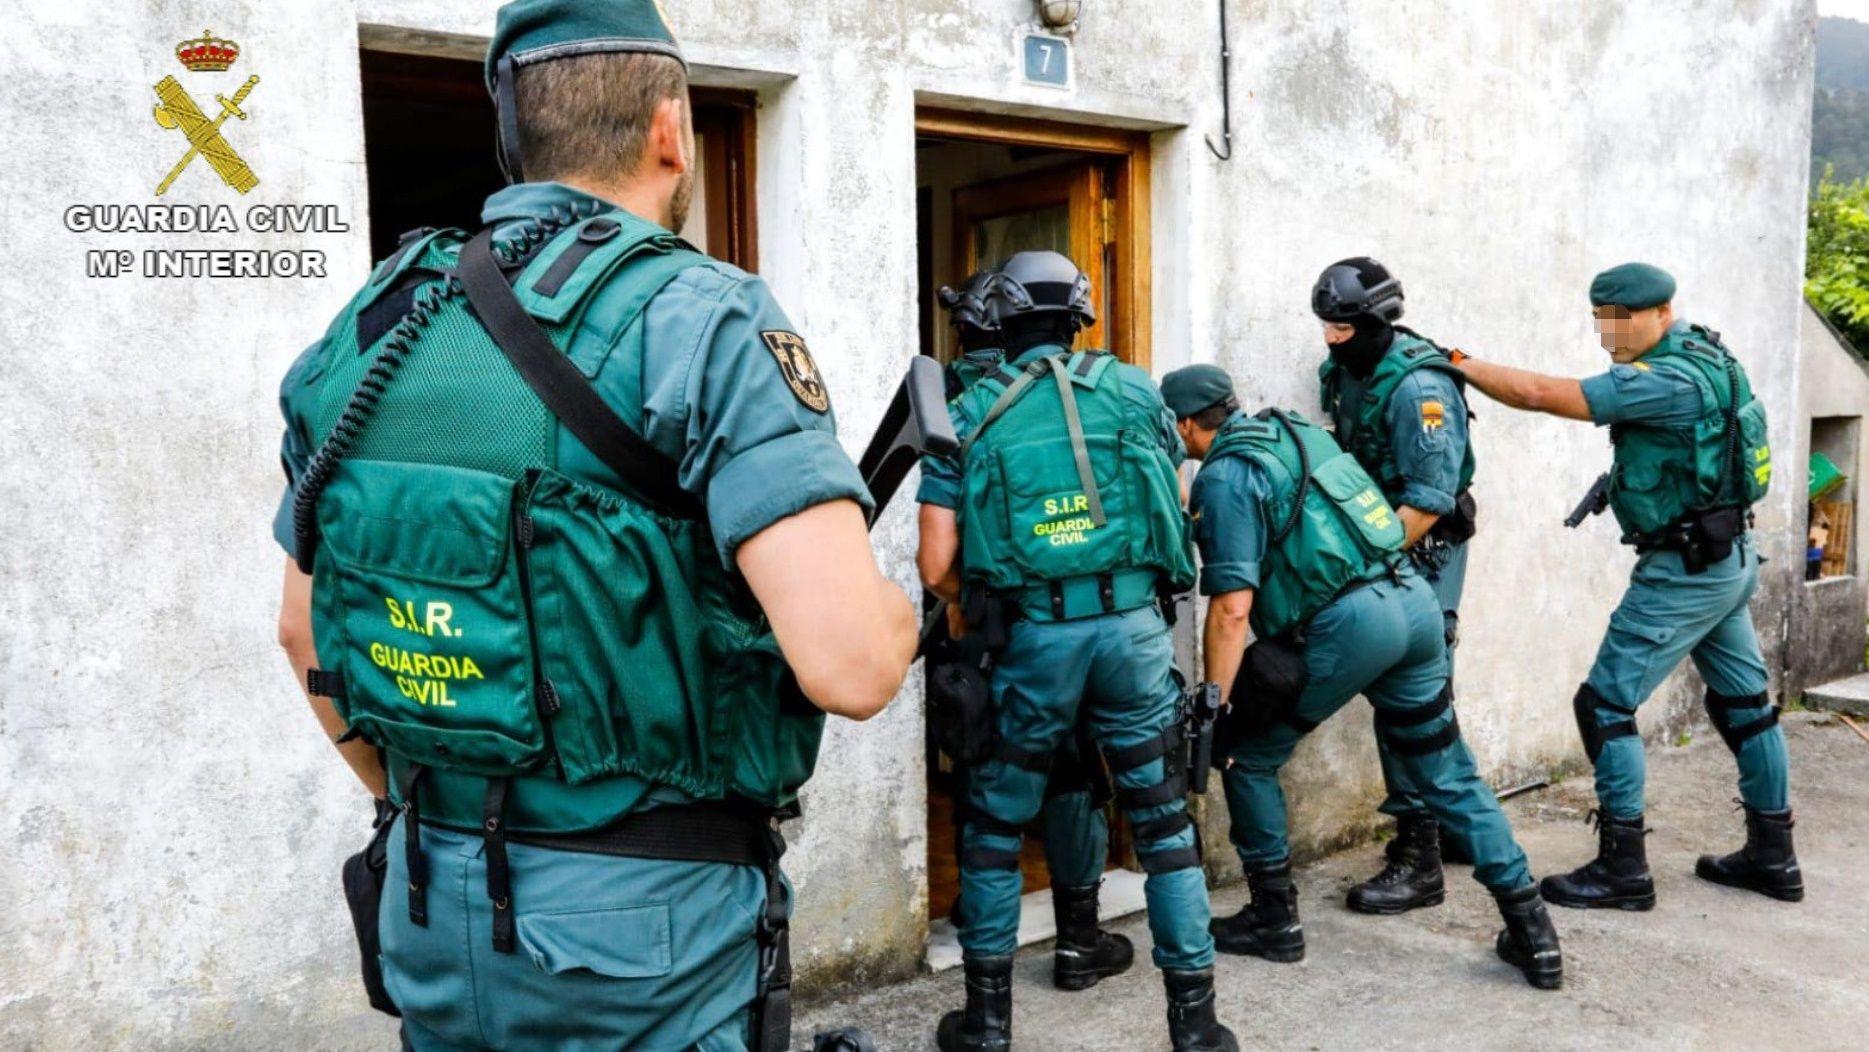 Agentes de la Guardia Civil entran en la casa de Galdo, en Viveiro, para detener a la mujer a la que acusan de hacer apología del terrorismo yihadista